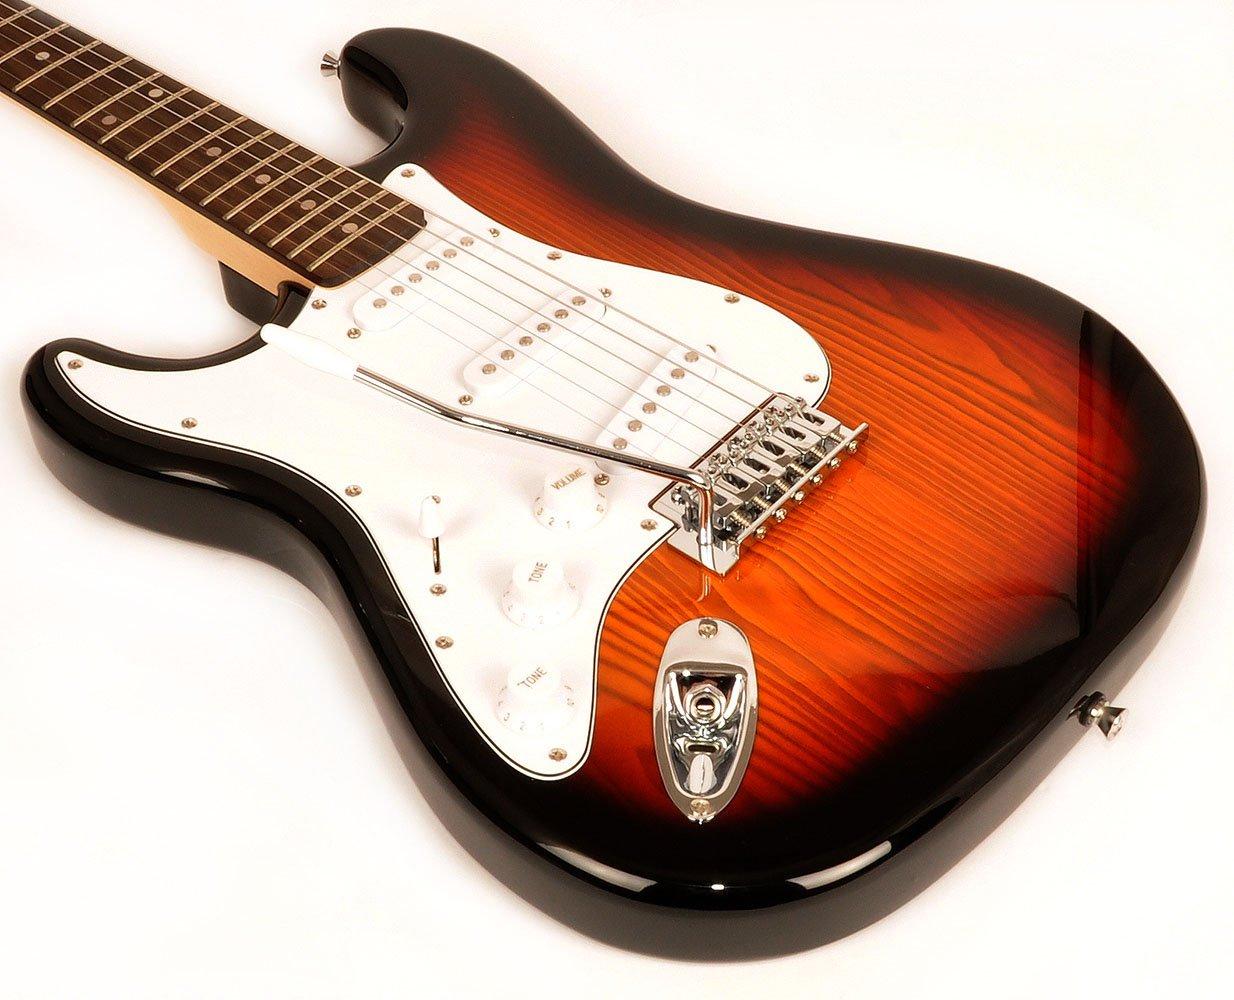 RST 3TS LH zurdos 3 tonos guitarra eléctrica paquete con tamaño completo guitarra eléctrica, amplificador, bolsa de transporte, instructivo y DVD: ...